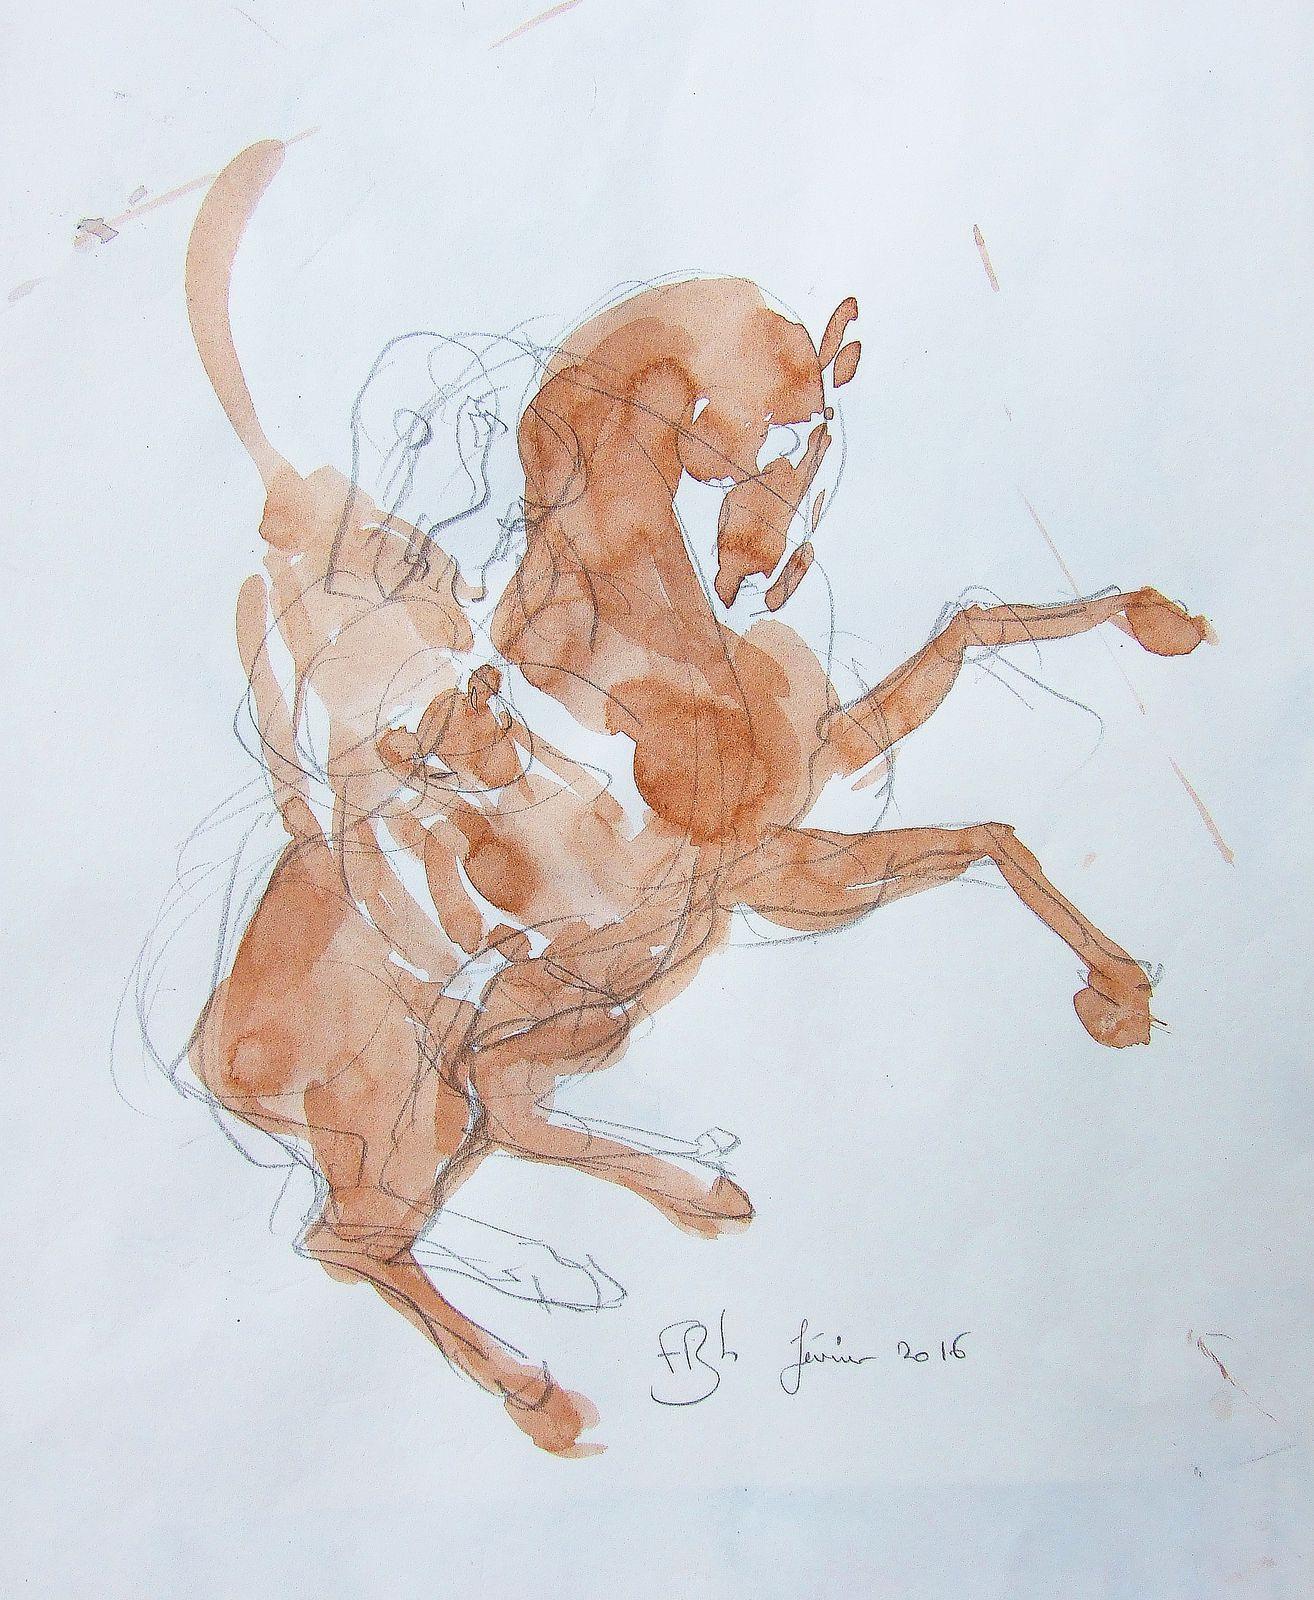 WESTERN ART, Un cow-boy et son cheval, man and his horse, cowboy riding his horse. Gouache, aquarelle, lavis et crayon. 50x65 et 21x30 BHAVSAR